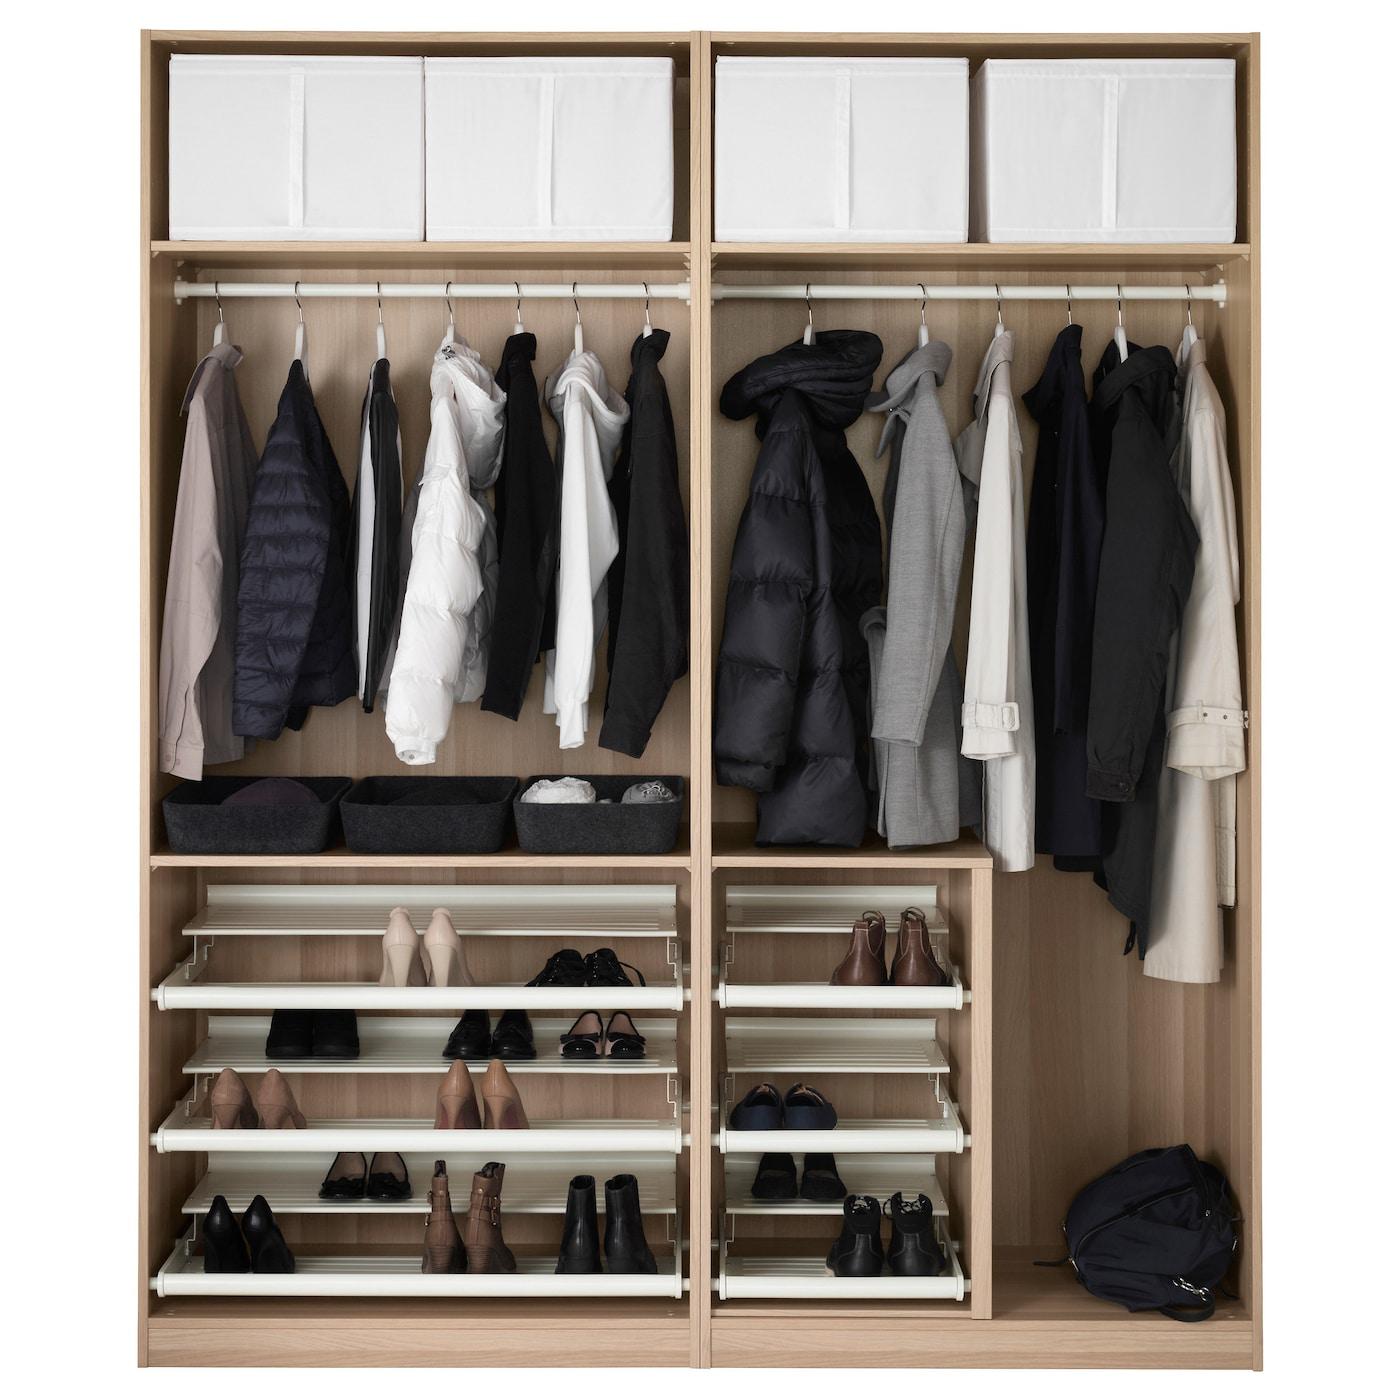 pax kledingkast wit gelazuurd eikeneffect auli spiegelglas 200x66x236 cm ikea. Black Bedroom Furniture Sets. Home Design Ideas